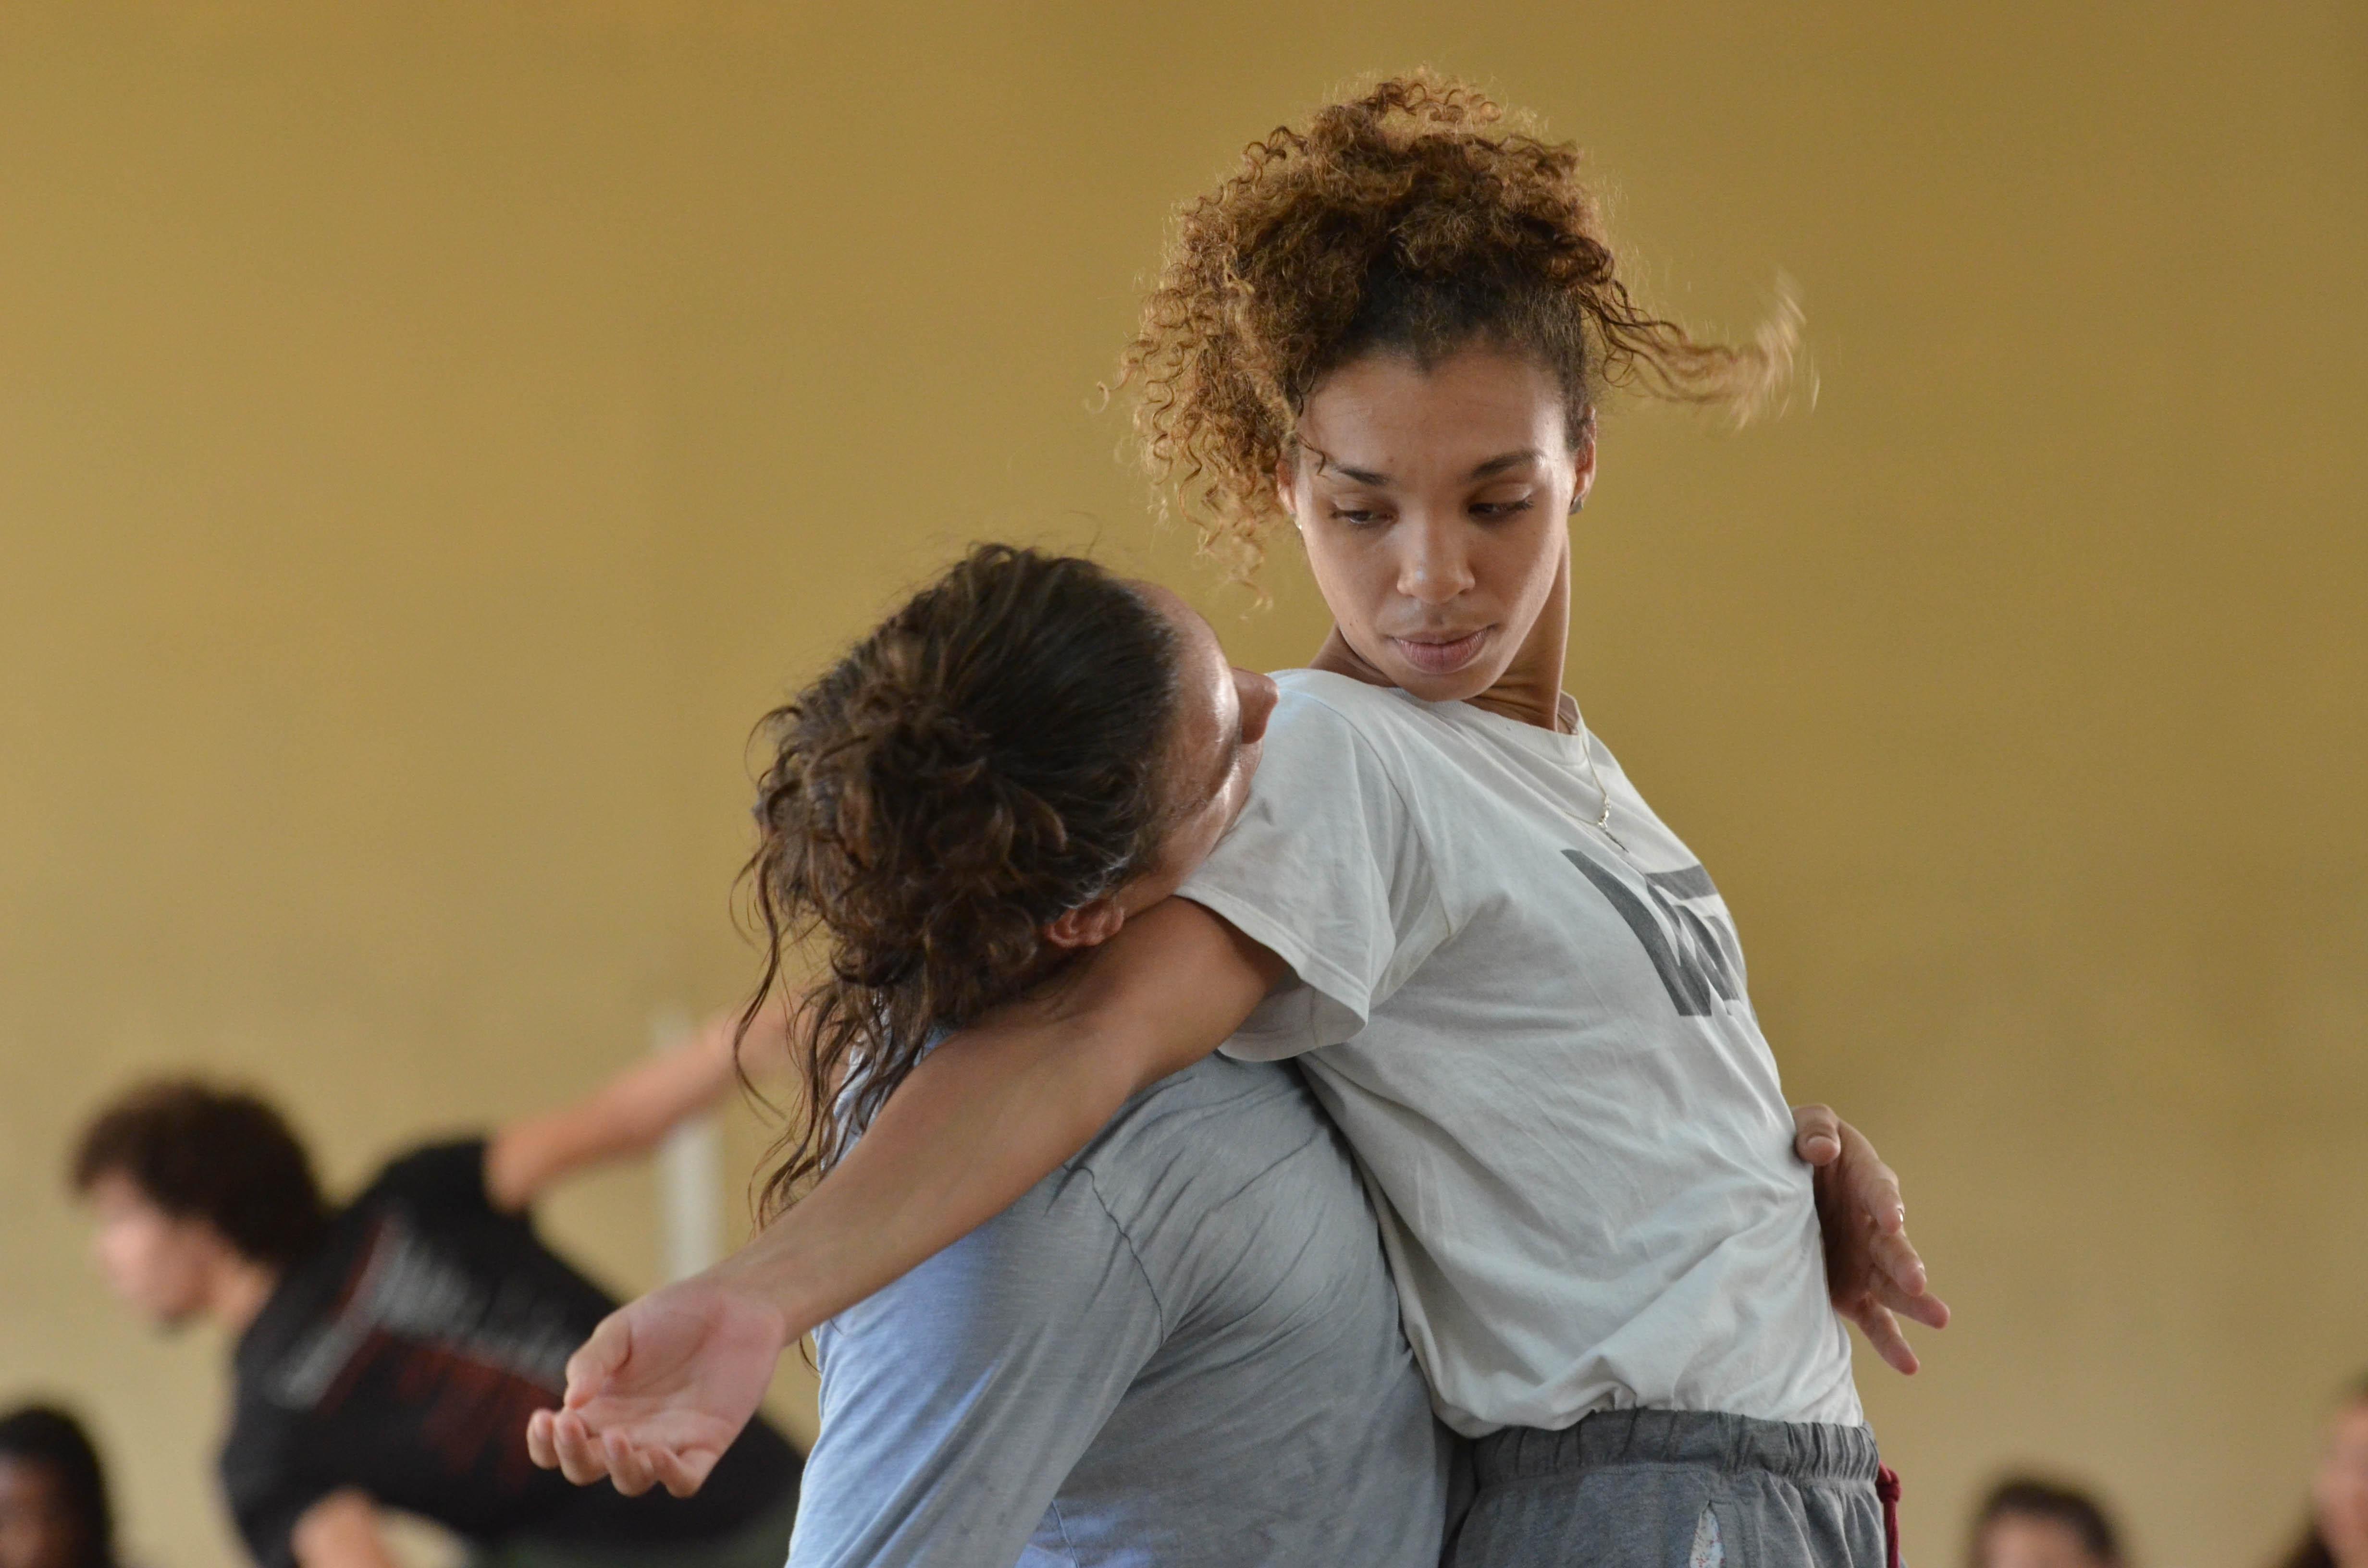 """Danza Contemporánea de Cuba estrenará """"Los amores de Marte y Venus"""", una obra coreografiada por Lea Anderson. Foto: Adolfo Izquierdo."""